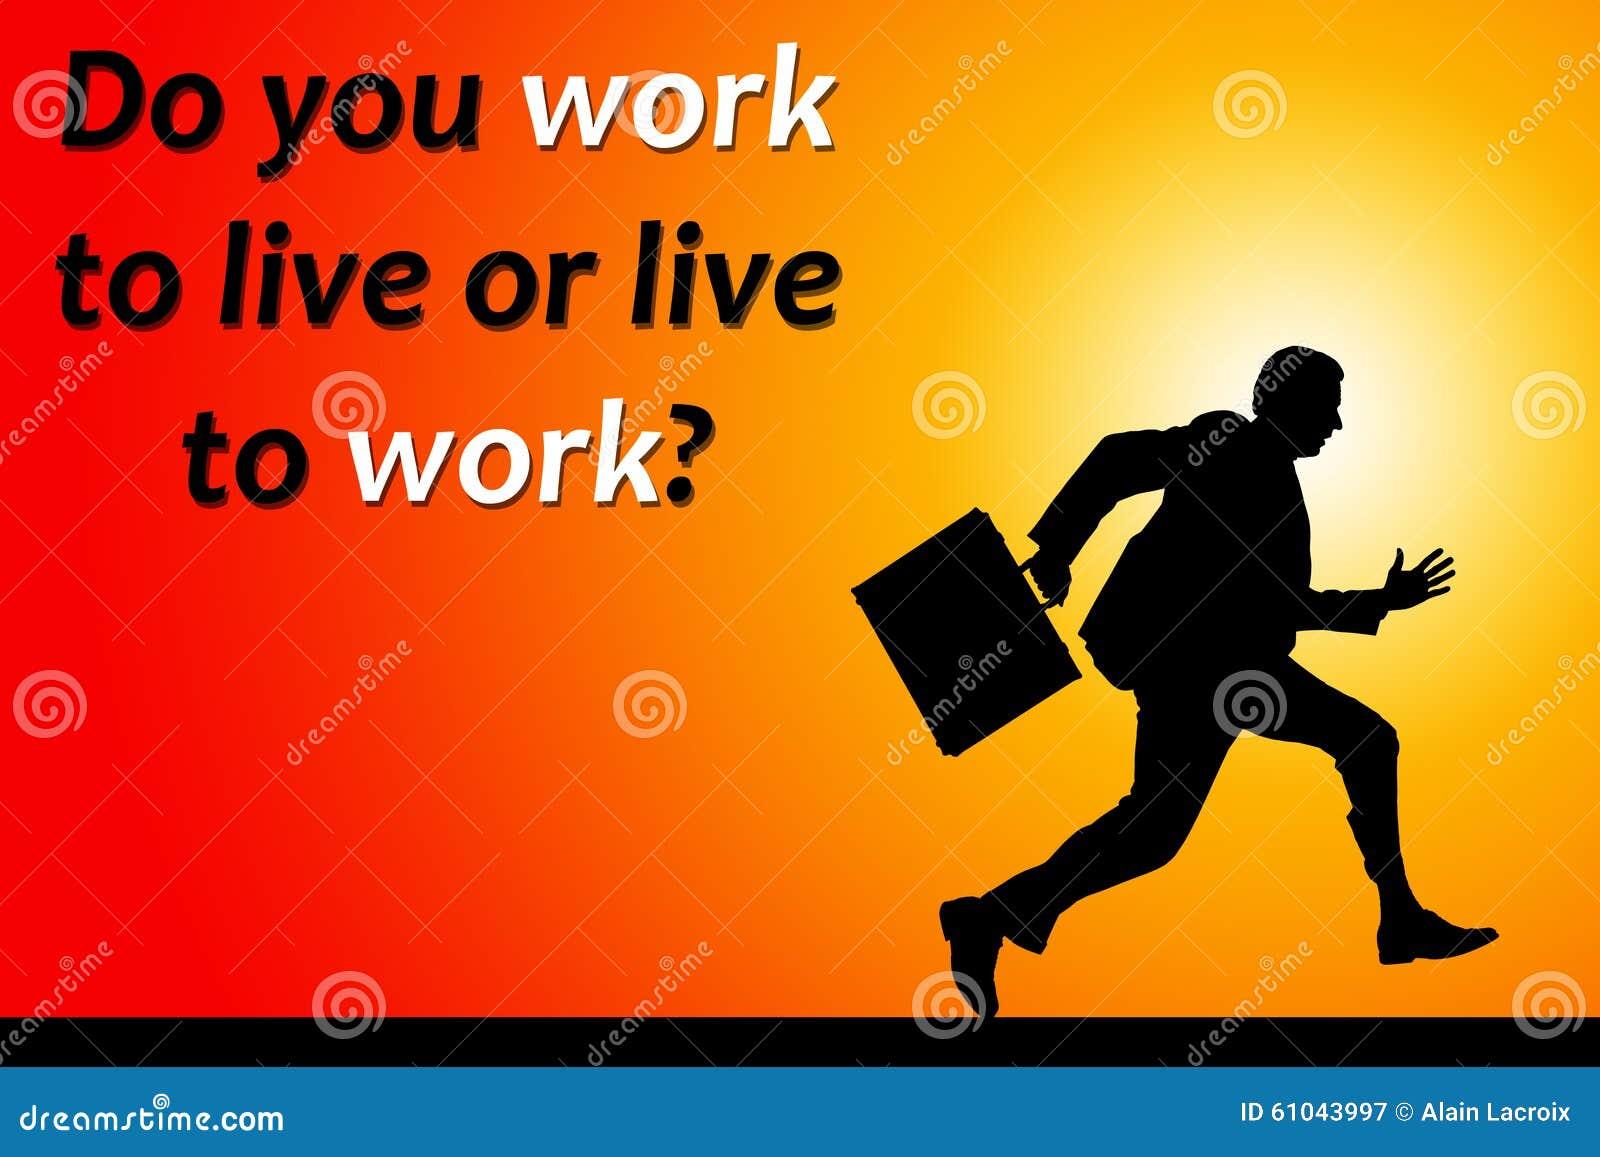 Lavoro Da Vivere Illustrazione Di Stock Illustrazione Di Carriera